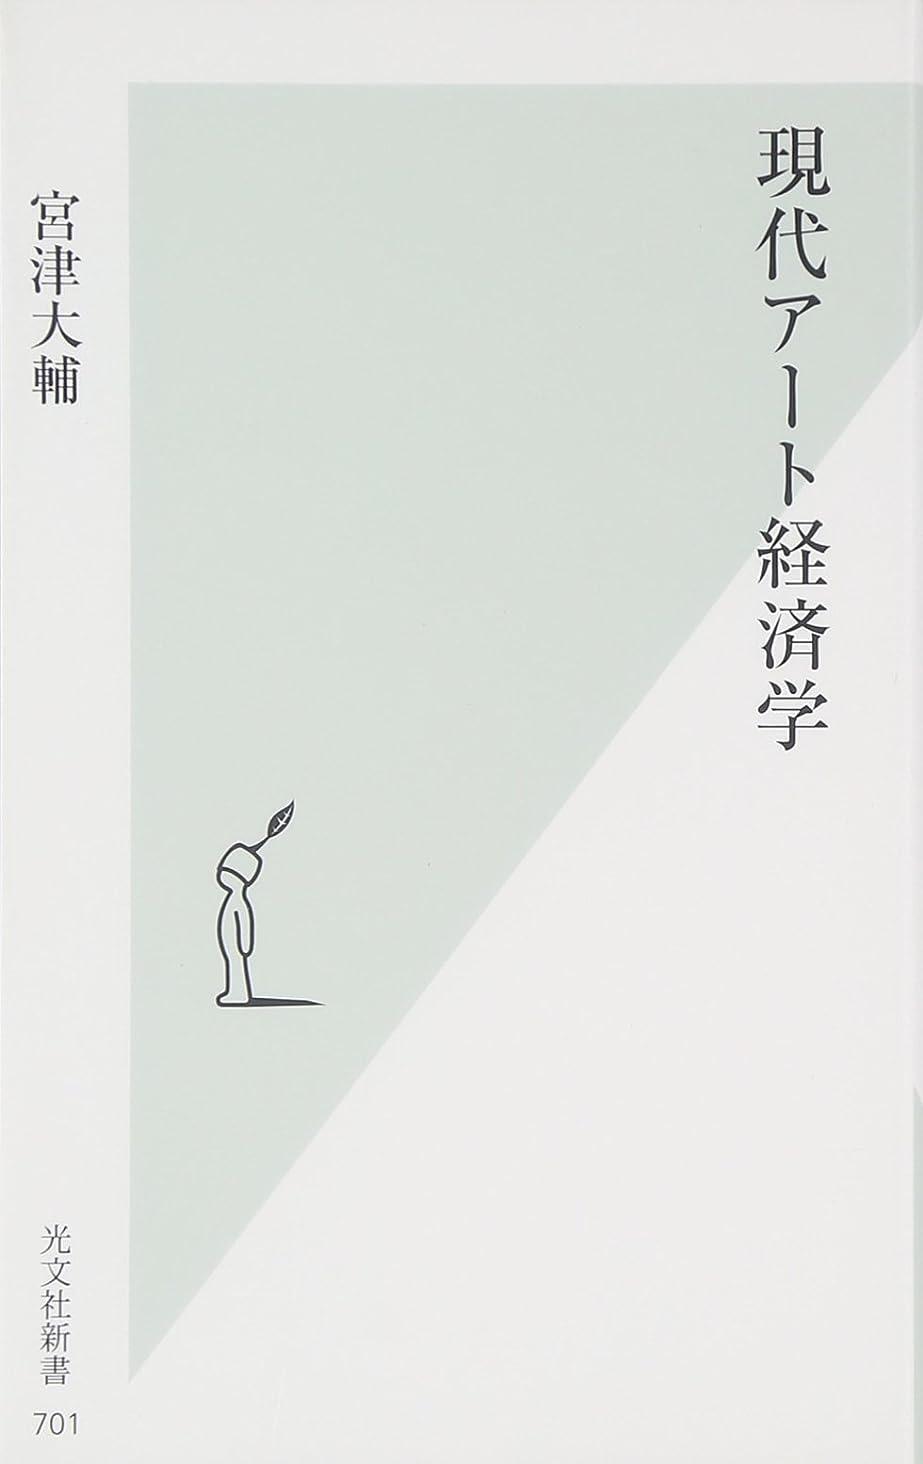 前提オリエンタル中世の現代アート経済学 (光文社新書)